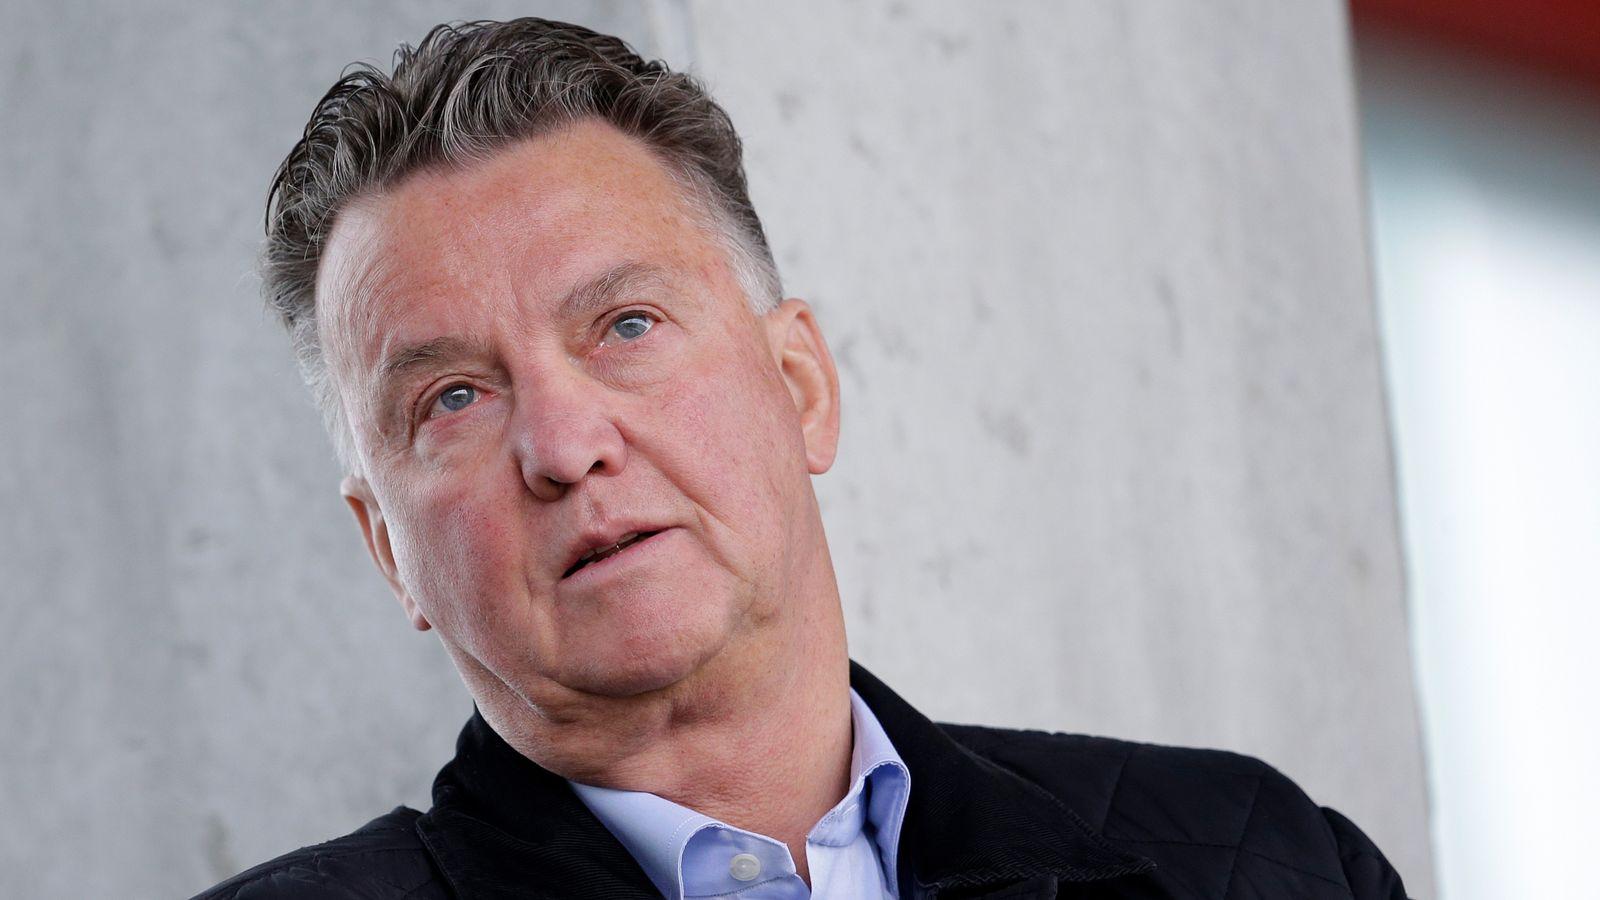 Louis van Gaal acusa a Ajax de intentar utilizar la crisis del coronavirus para su propio beneficio | Noticias de futbol 51